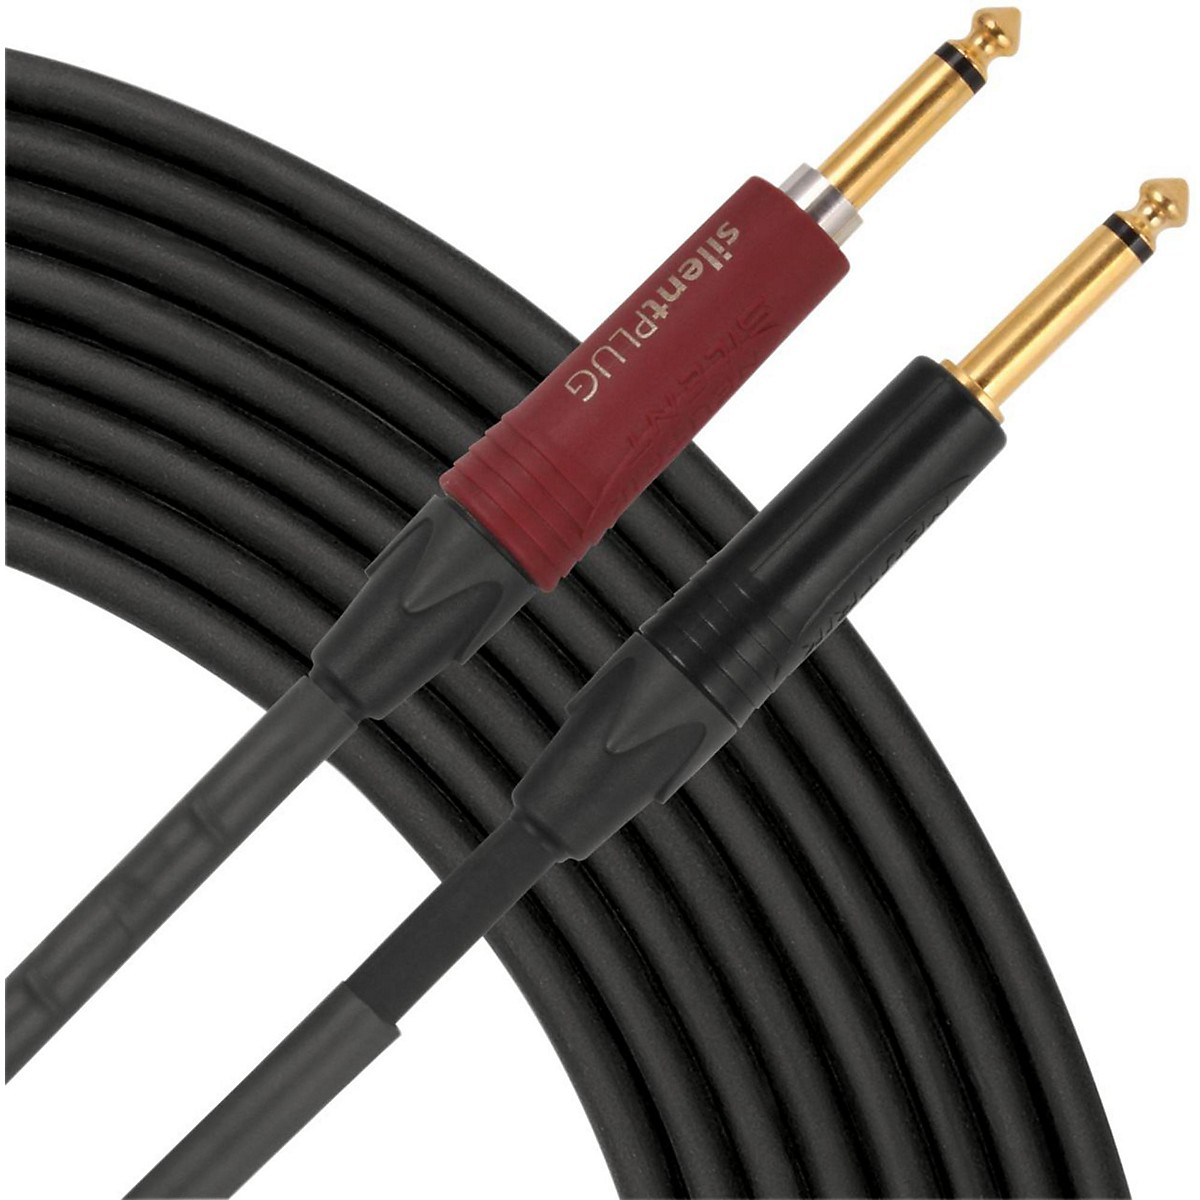 Livewire Elite EICS186 18.6' Silent Instrument Cable